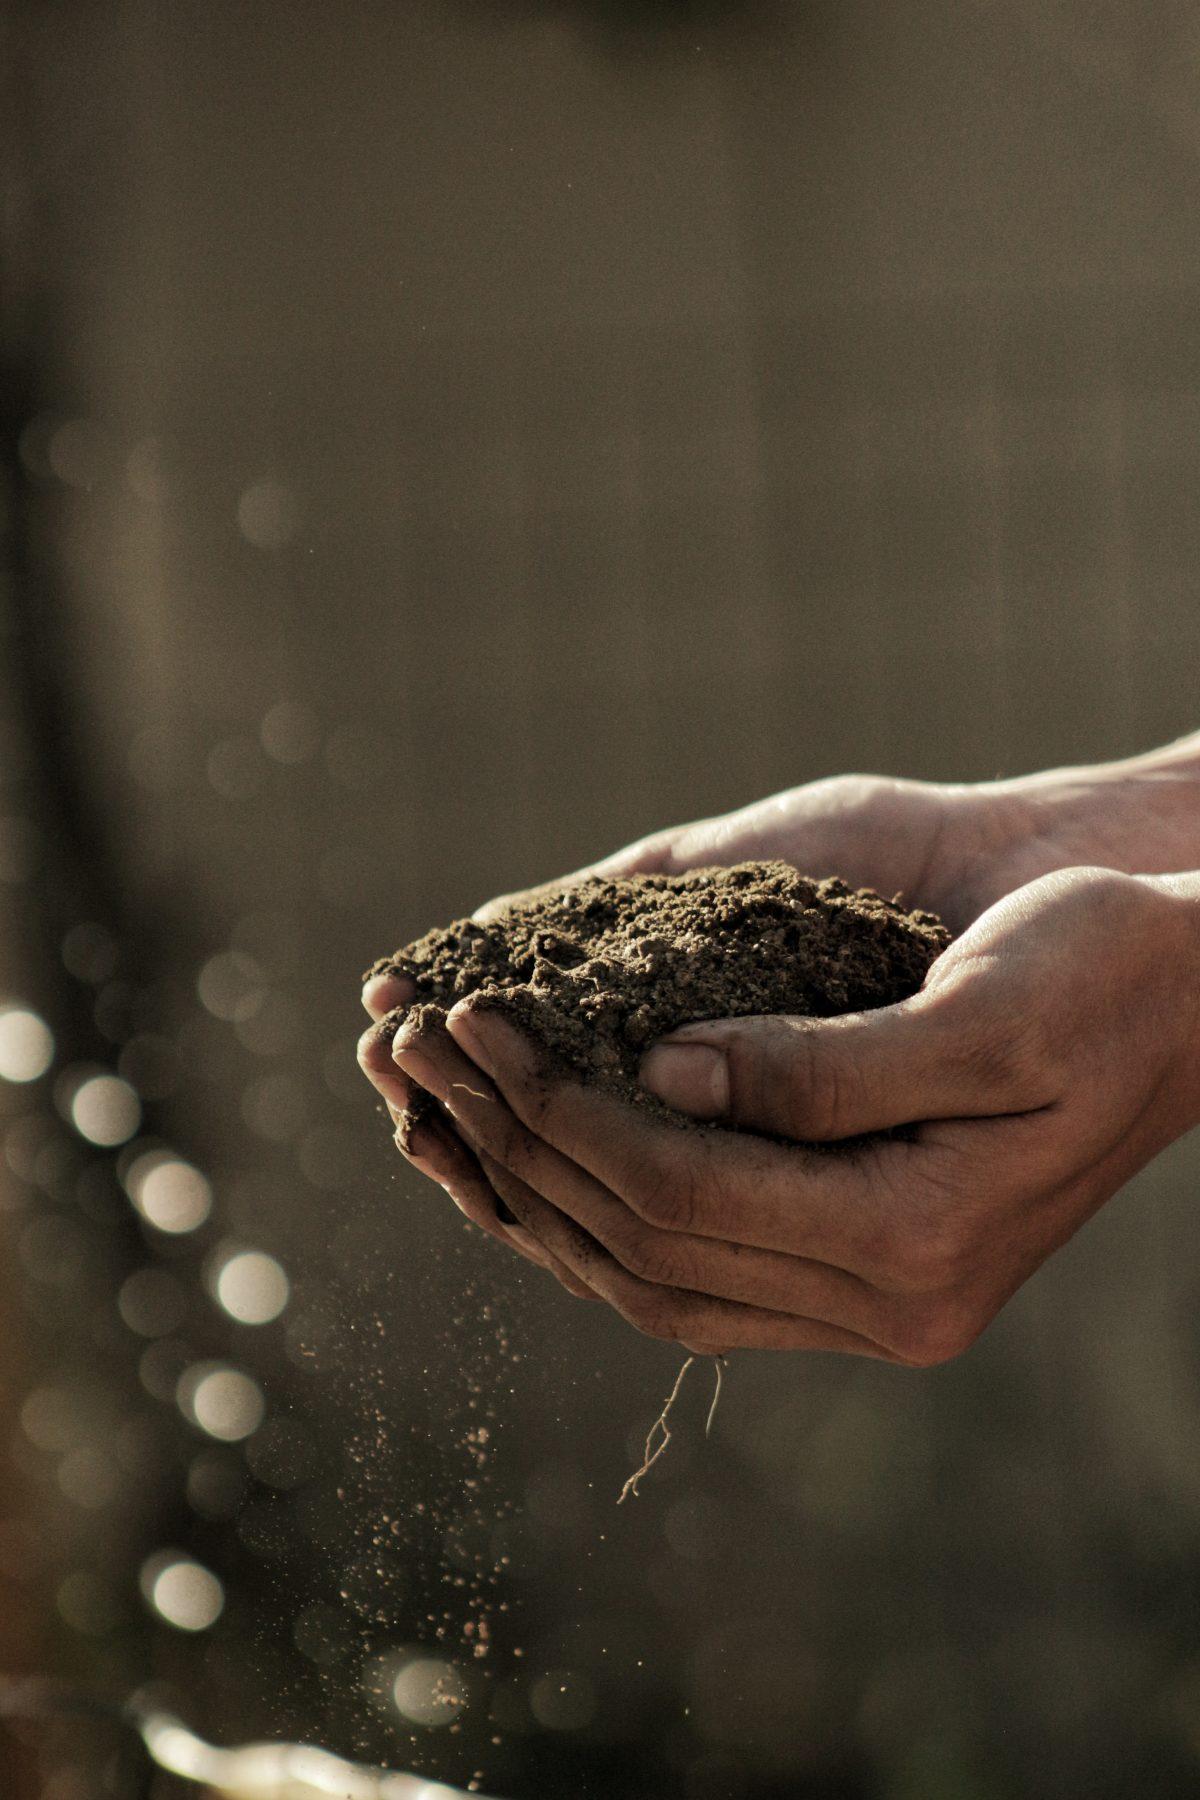 Das Geheimnis der biologisch-dynamischen Landbau-Methode wird gelüftet